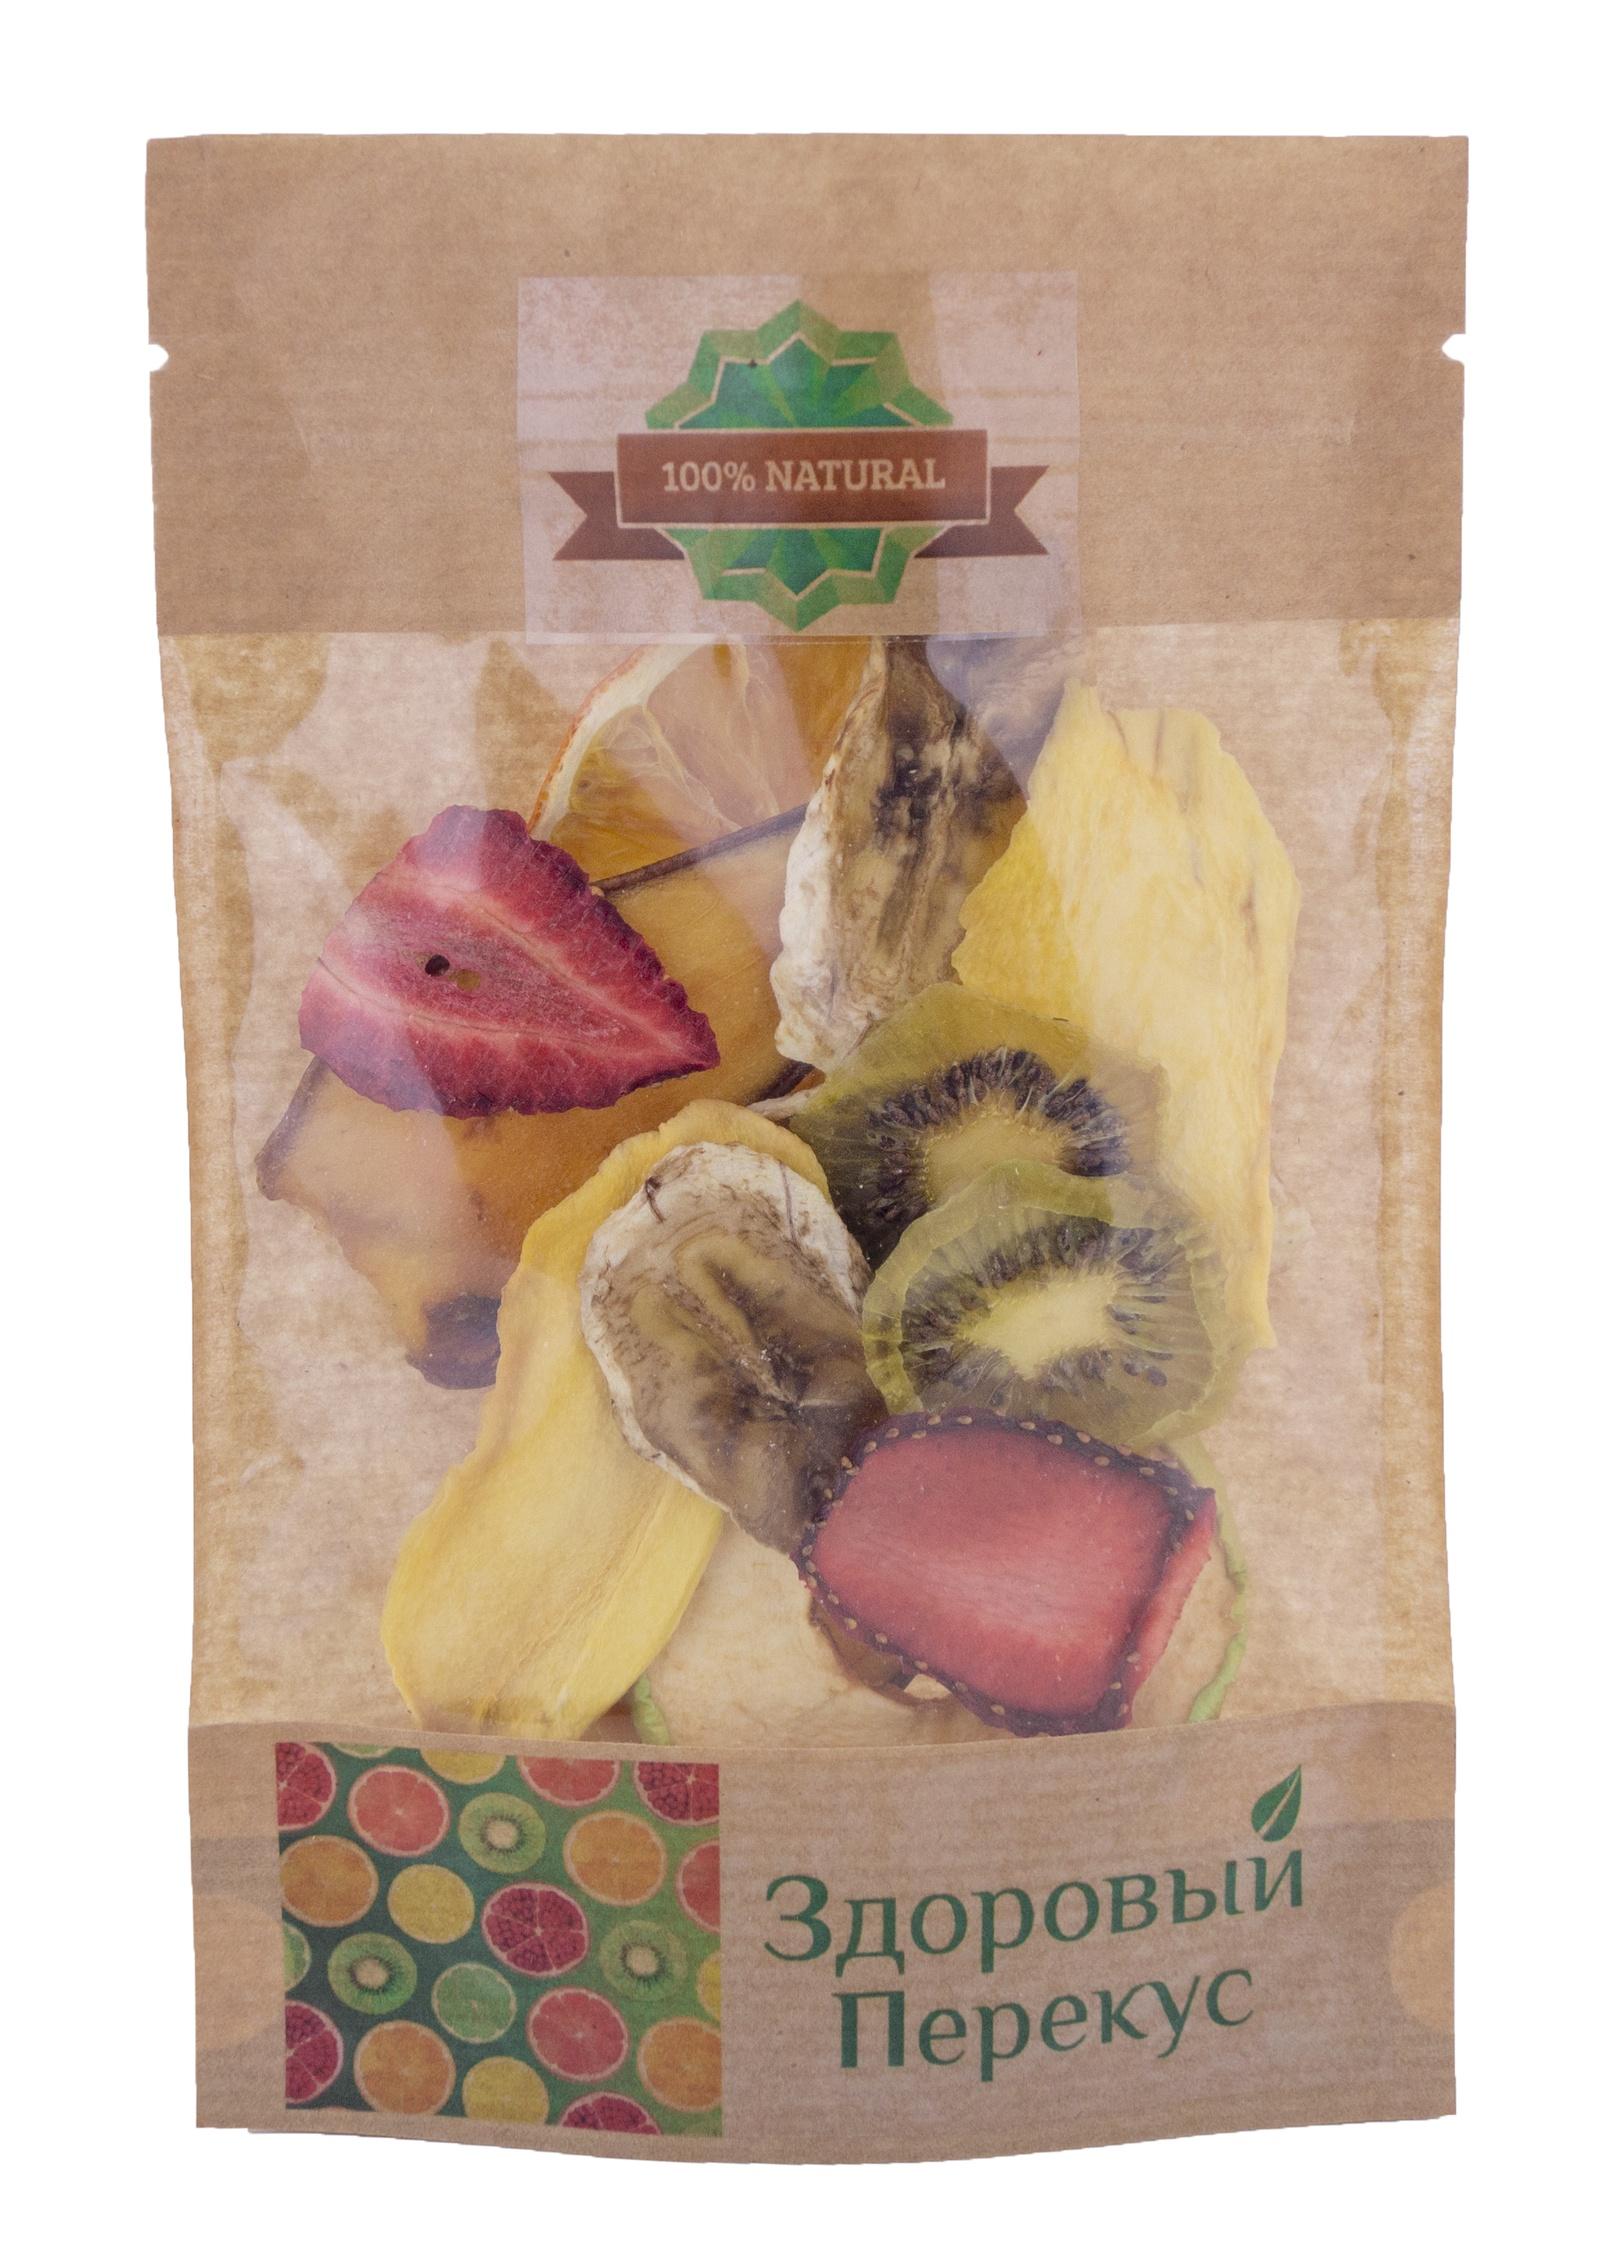 Фруктовые чипсы Здоровый Перекус Ассорти, 70 гр